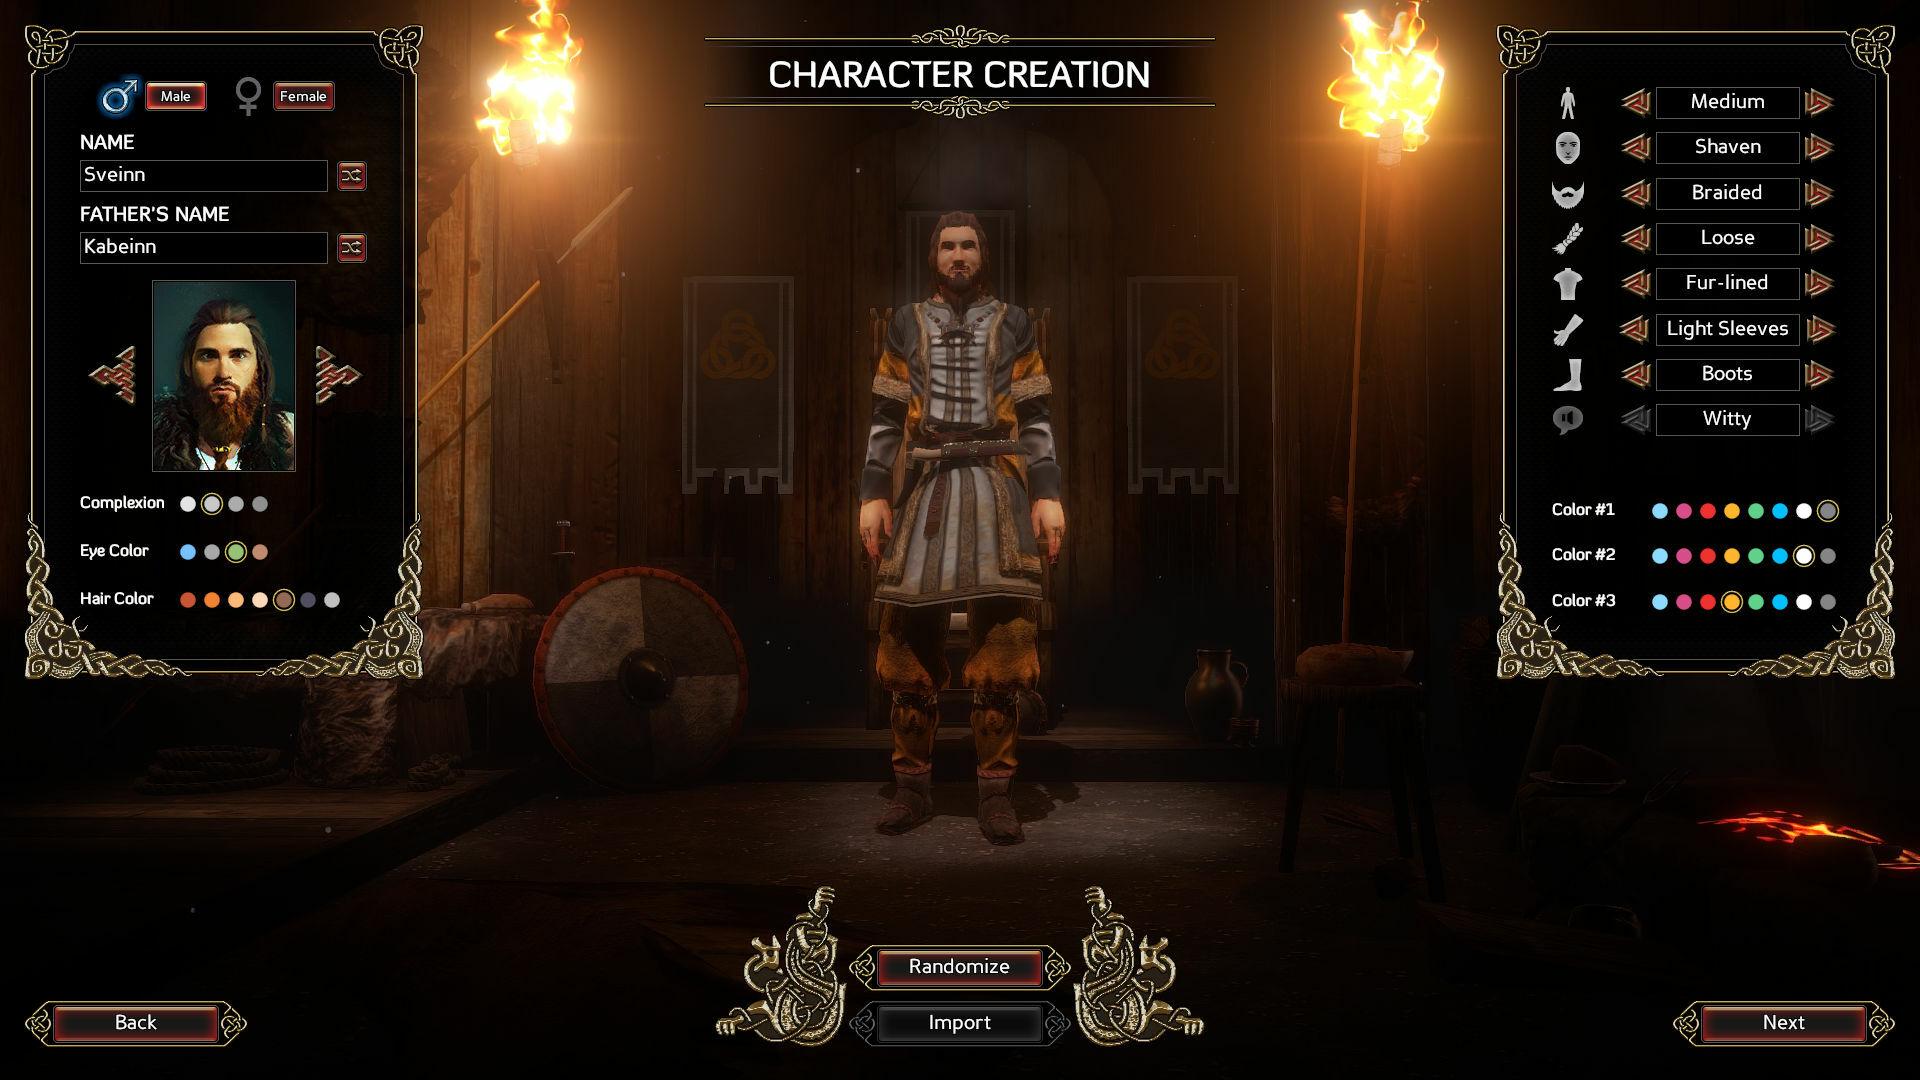 expeditions-viking-pc-screenshot-3